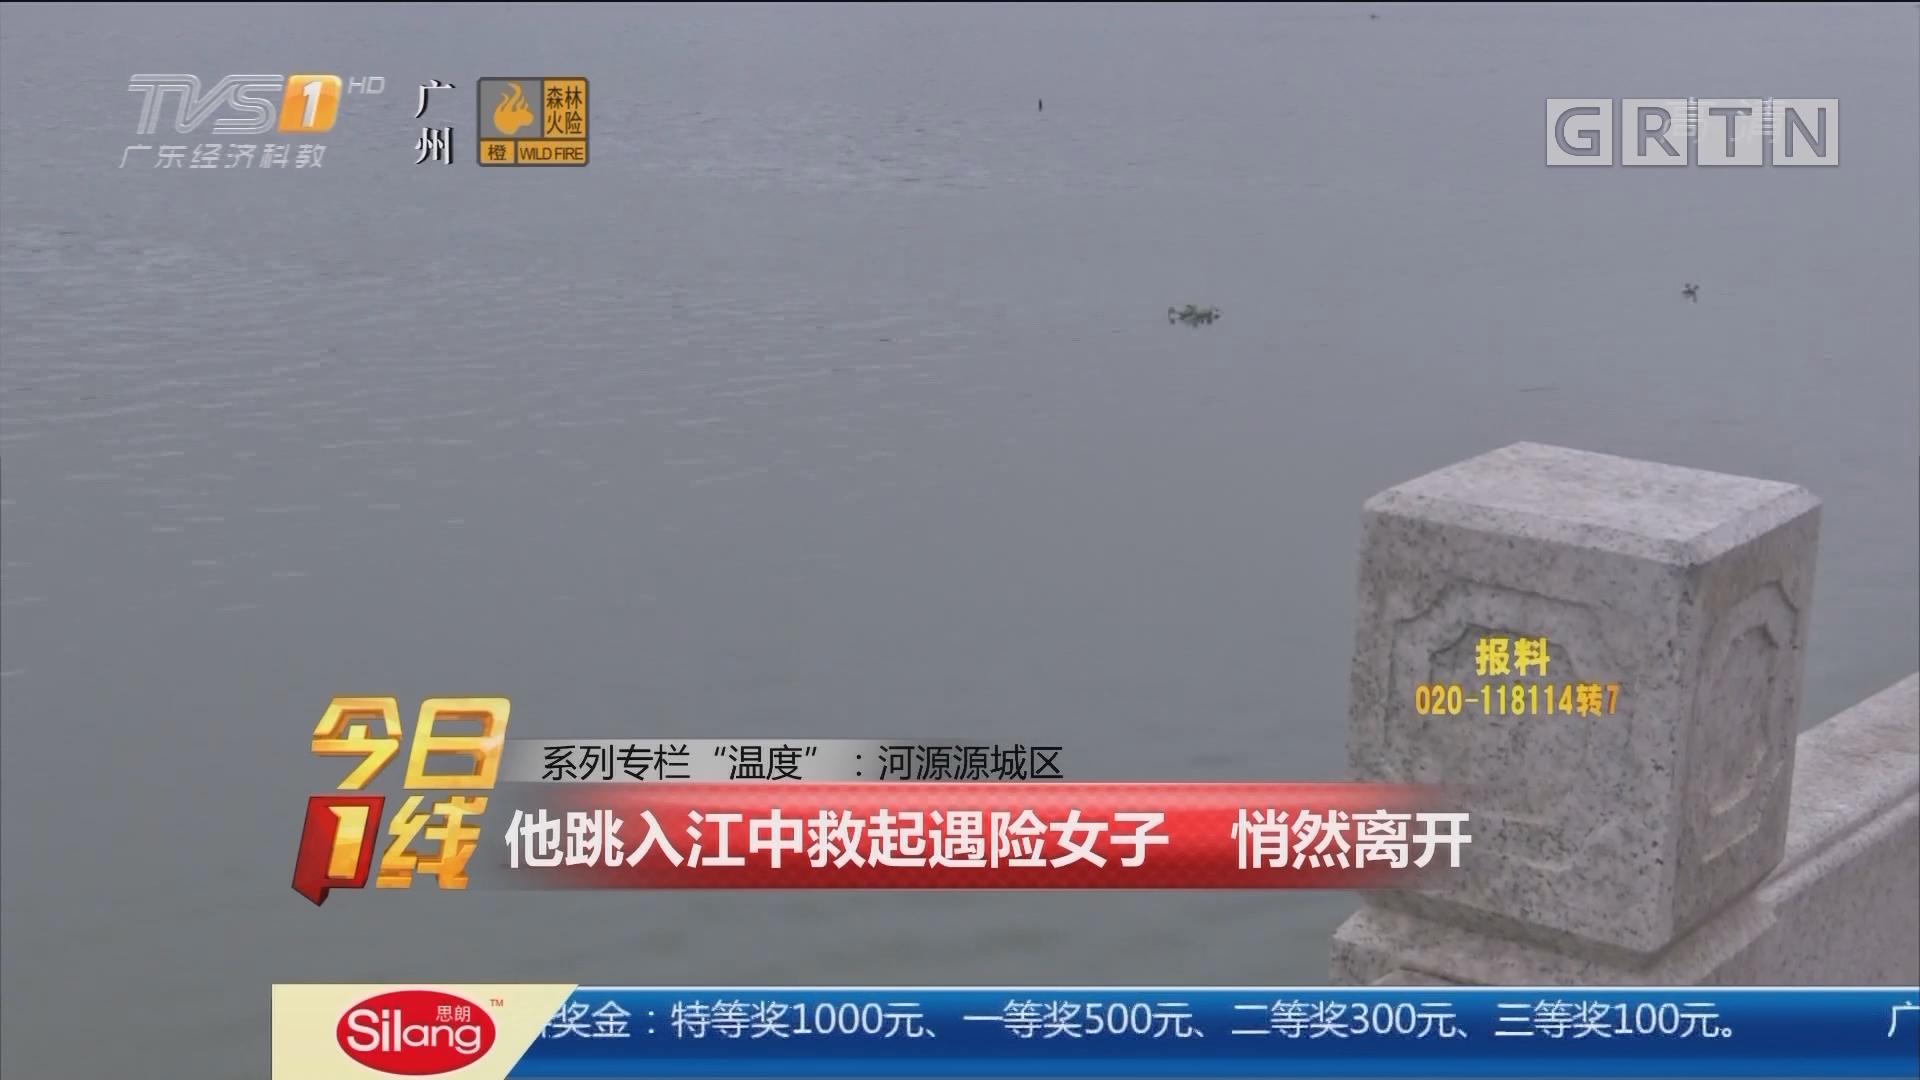 """系列专栏""""温度"""":河源源城区 他跳入江中救起遇险女子 悄然离开"""